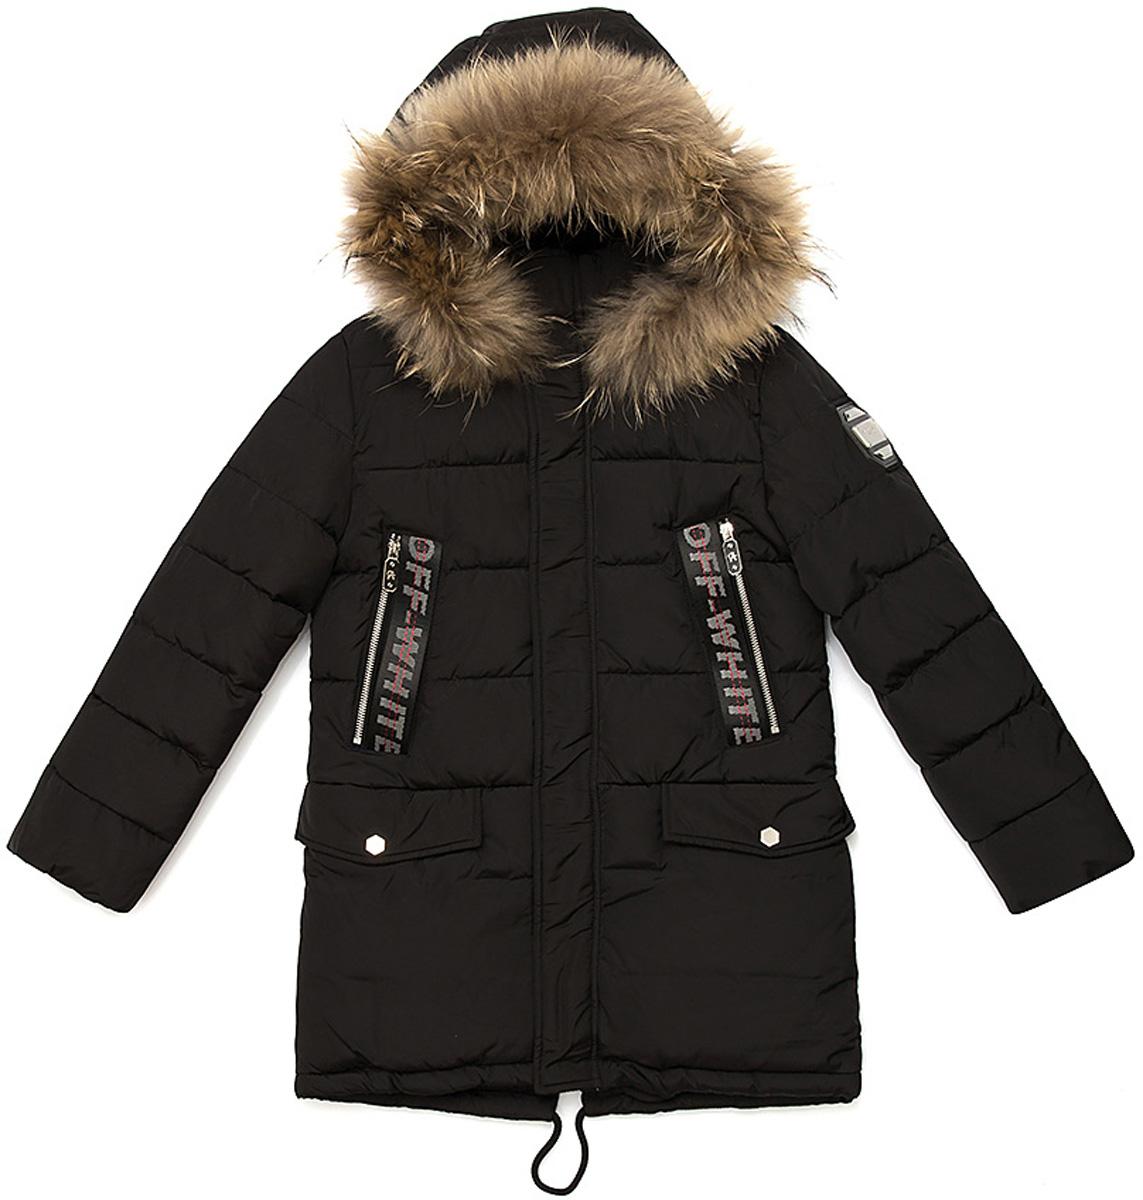 Куртка для мальчика Vitacci, цвет: черный. 1171482-03. Размер 1501171482-03Удлиненная куртка для мальчика Vitacci, изготовленная из полиэстера, станет стильнымдополнением к детскому гардеробу.Подкладка выполнена из полиэстера и дополнительно утеплена флисом по спинке. В качестве наполнителя используется биопух.Куртка имеет внешнюю ветрозащитную планку и съемный капюшон с отделкой из натурального меха. Изделие оформлено декоративными элементами на рукавах и карманах.Температурный режим от -10°С до -25°С.Теплая, удобная и практичная куртка идеально подойдет юному моднику для прогулок!